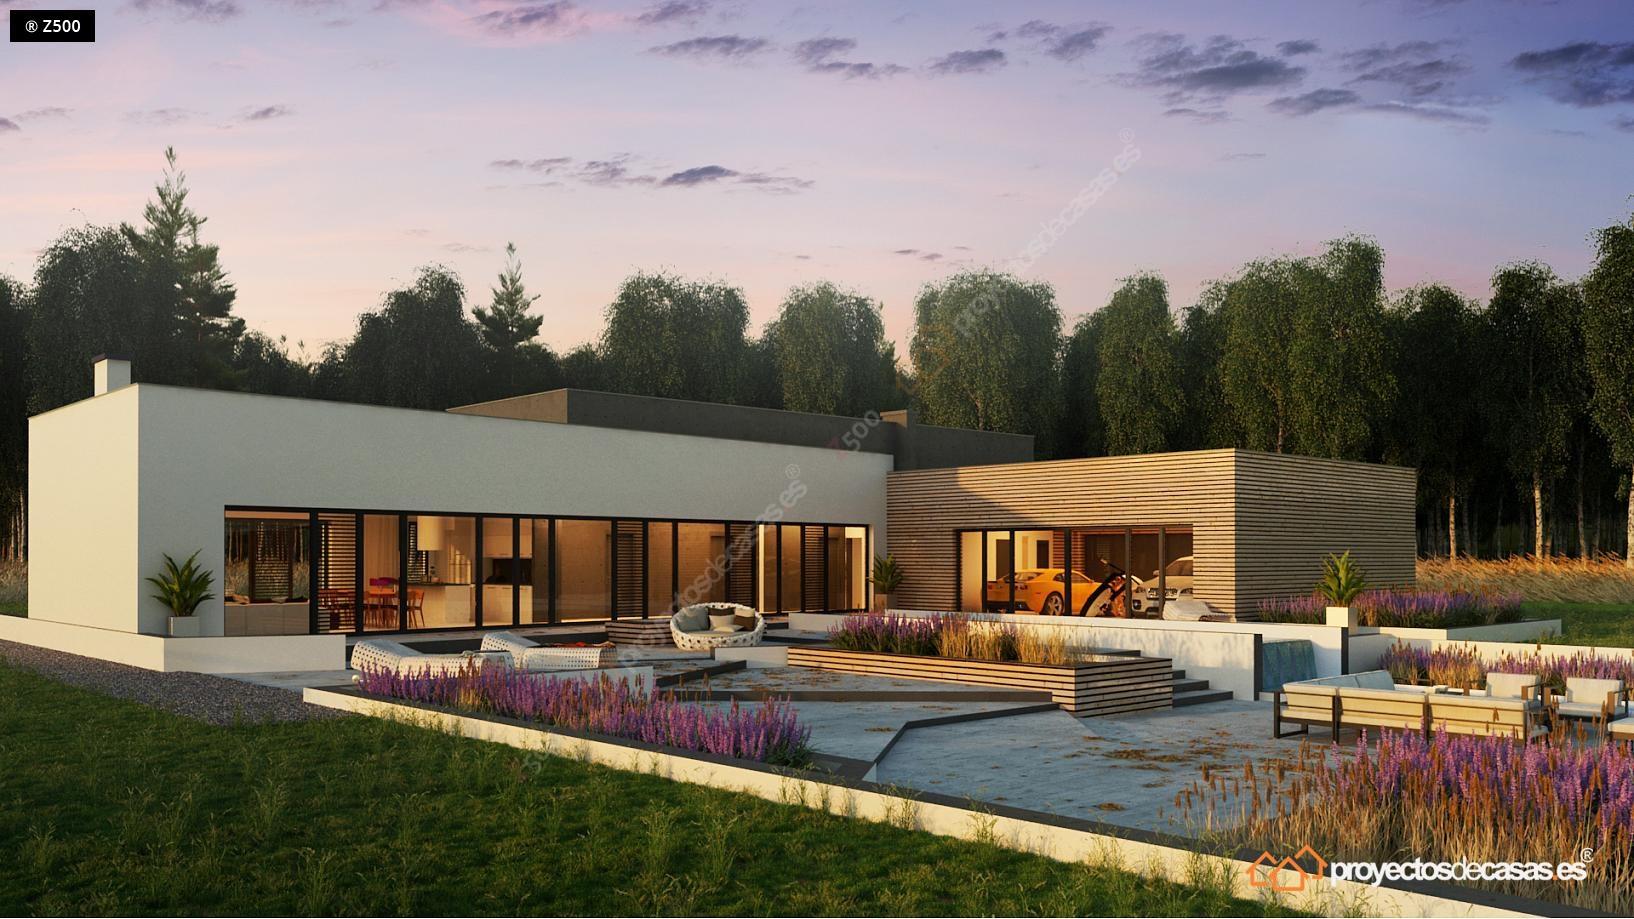 Casa moderna roca llisa con piscina y garaje a la vista - Fotos de casas en forma de l ...